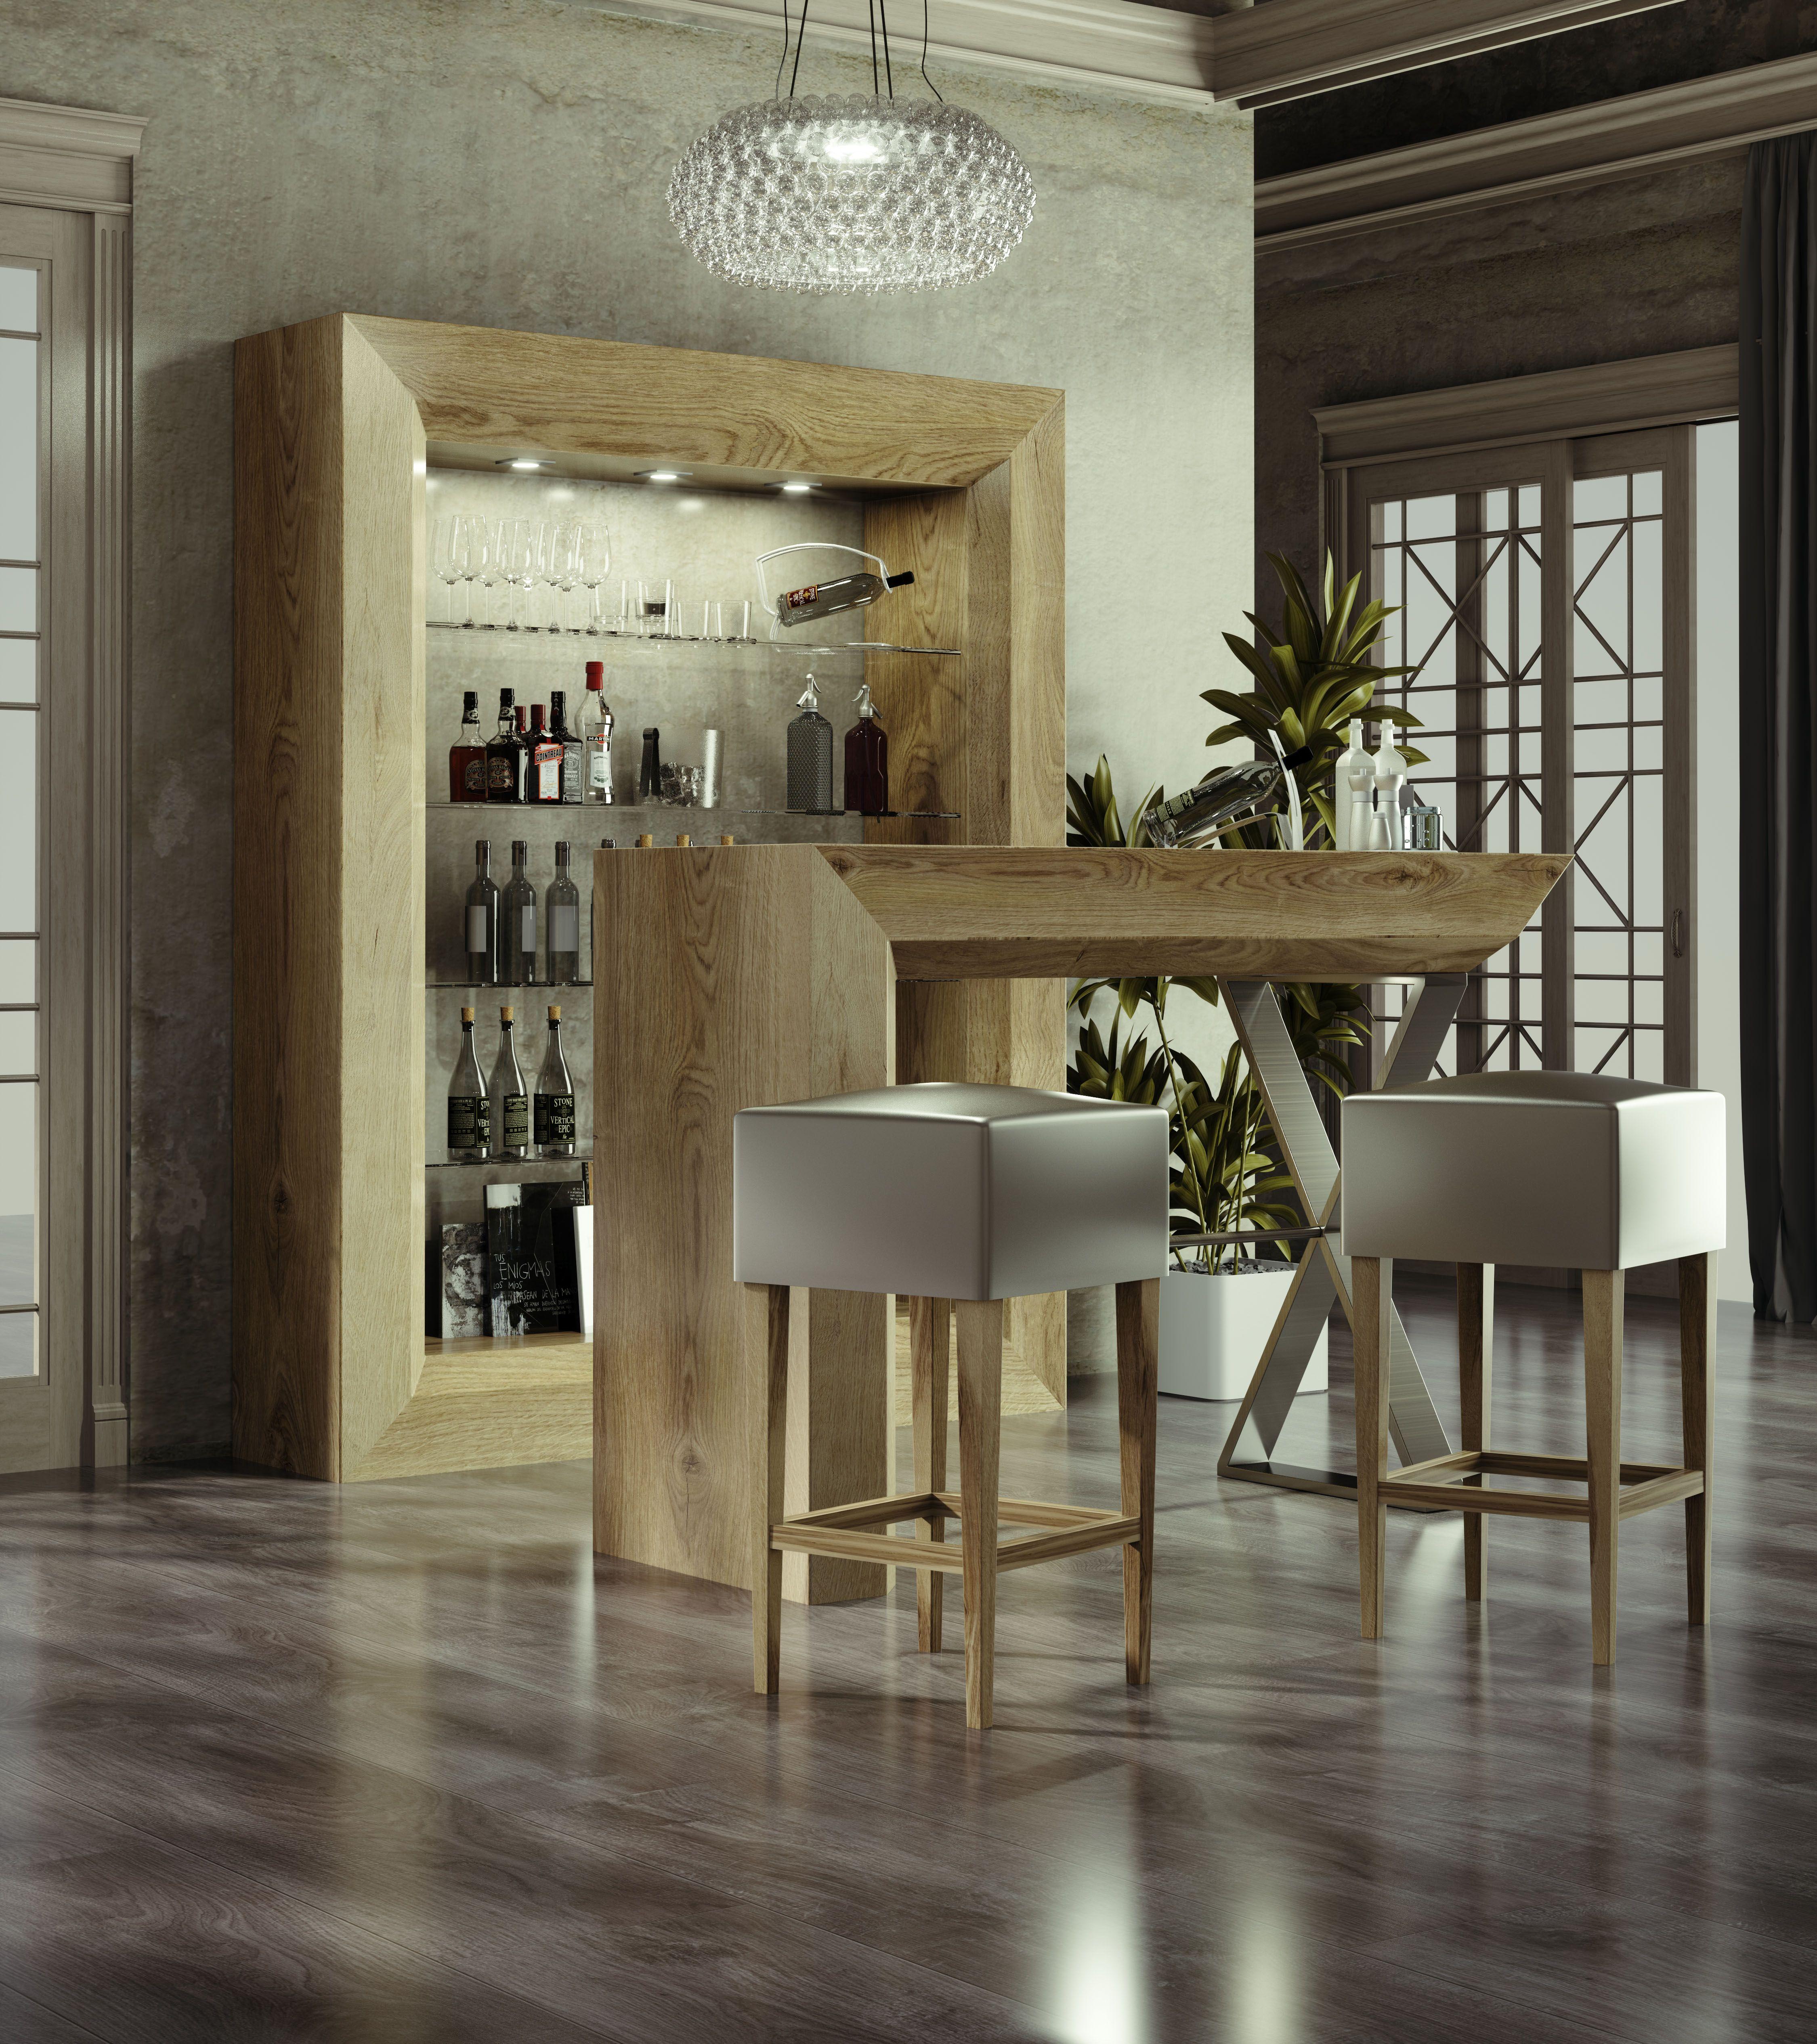 Barras de bar casa barra de bar en casa bar en casa y for Mueble bar moderno para casa